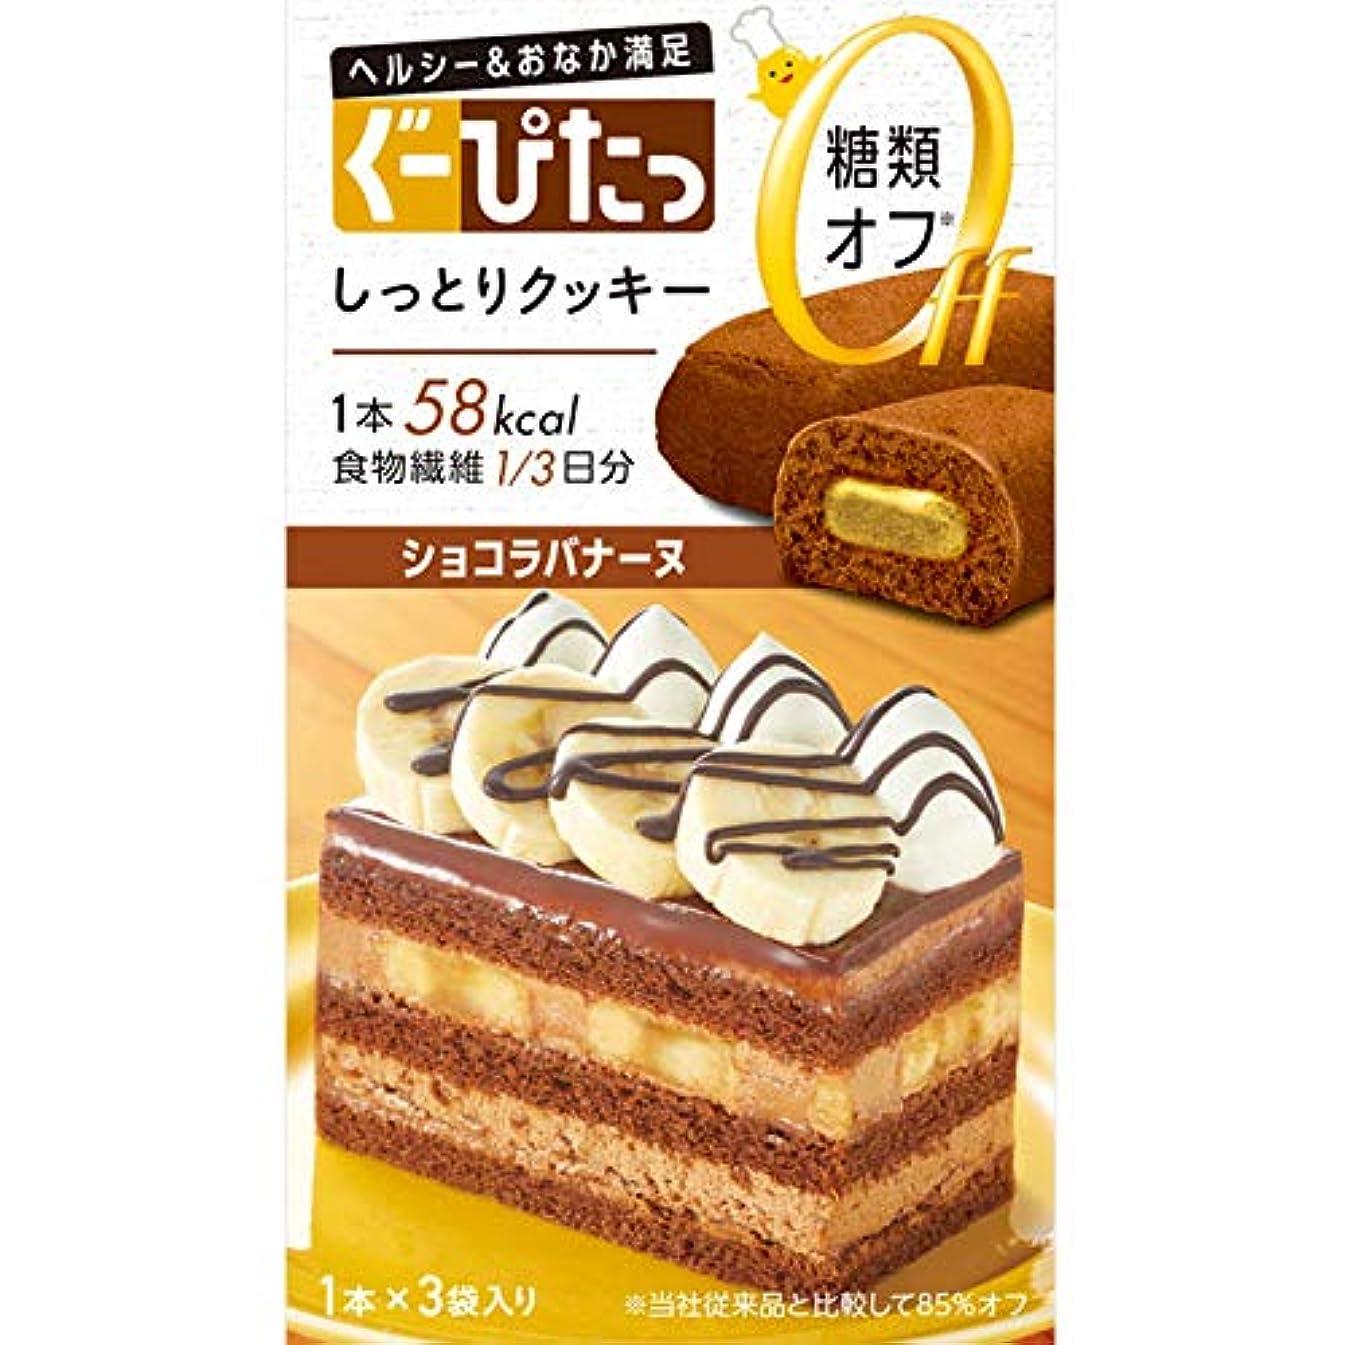 初心者コメンテーターナリスアップ ぐーぴたっ しっとりクッキー ショコラバナーヌ (3本) ダイエット食品